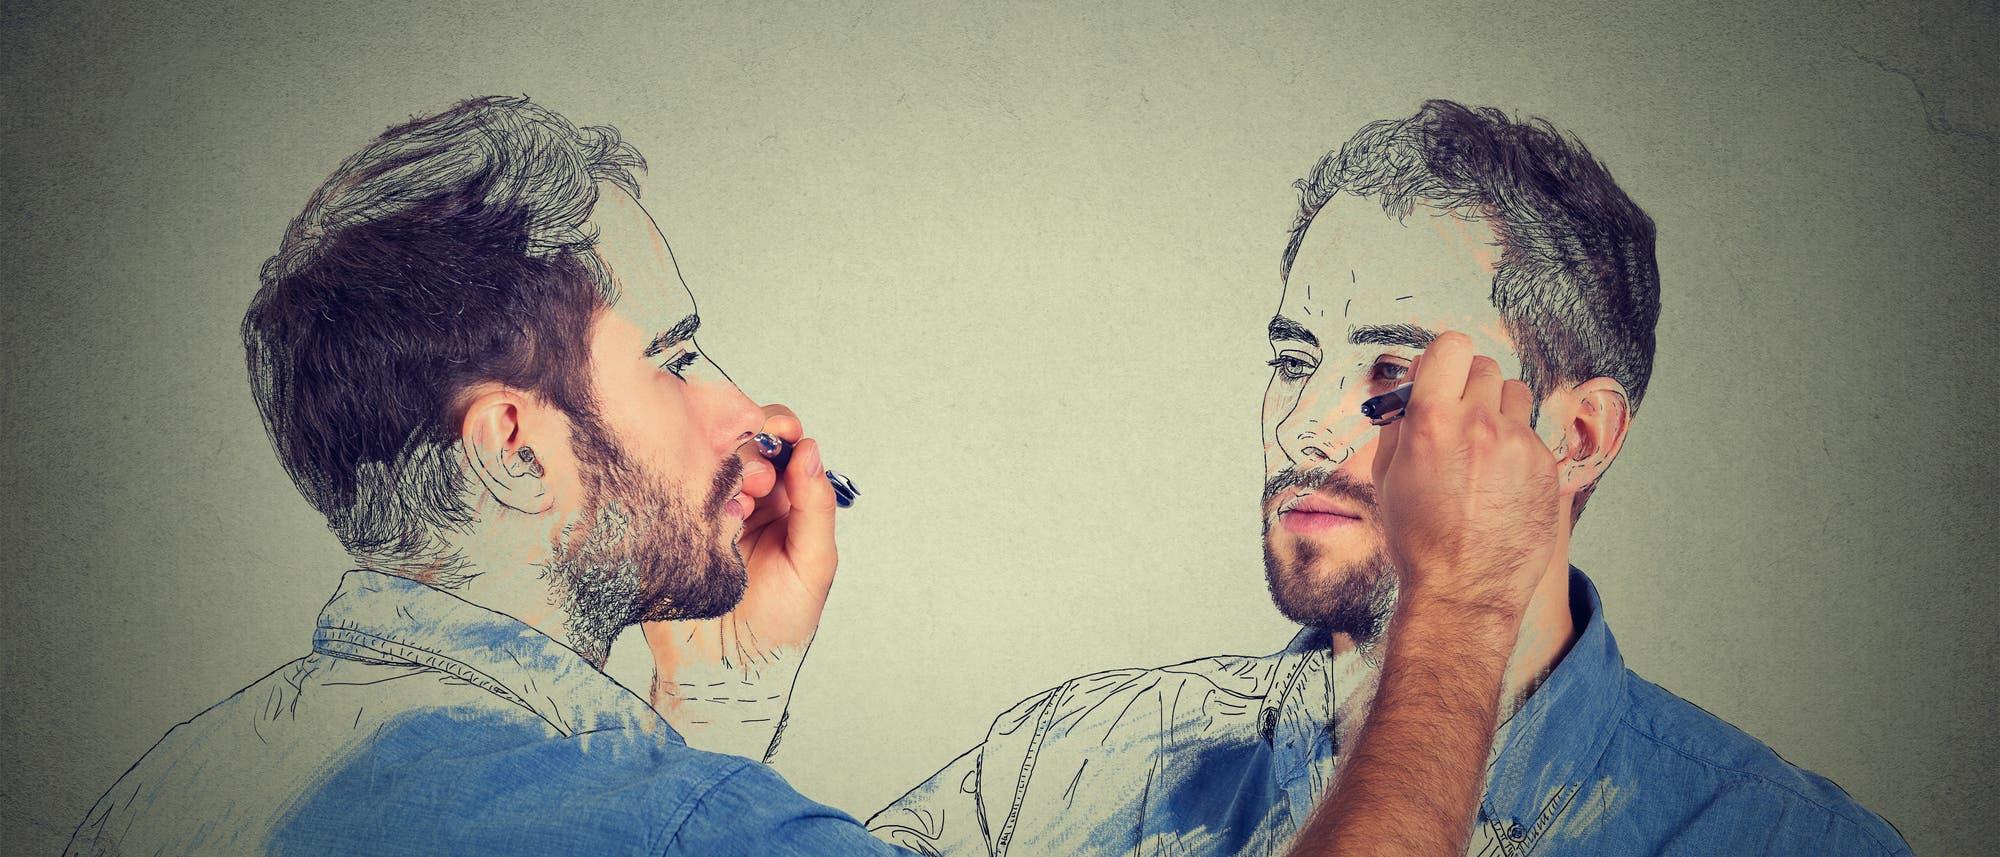 Mann und sein Spiegelbild zeichnen sich selbst